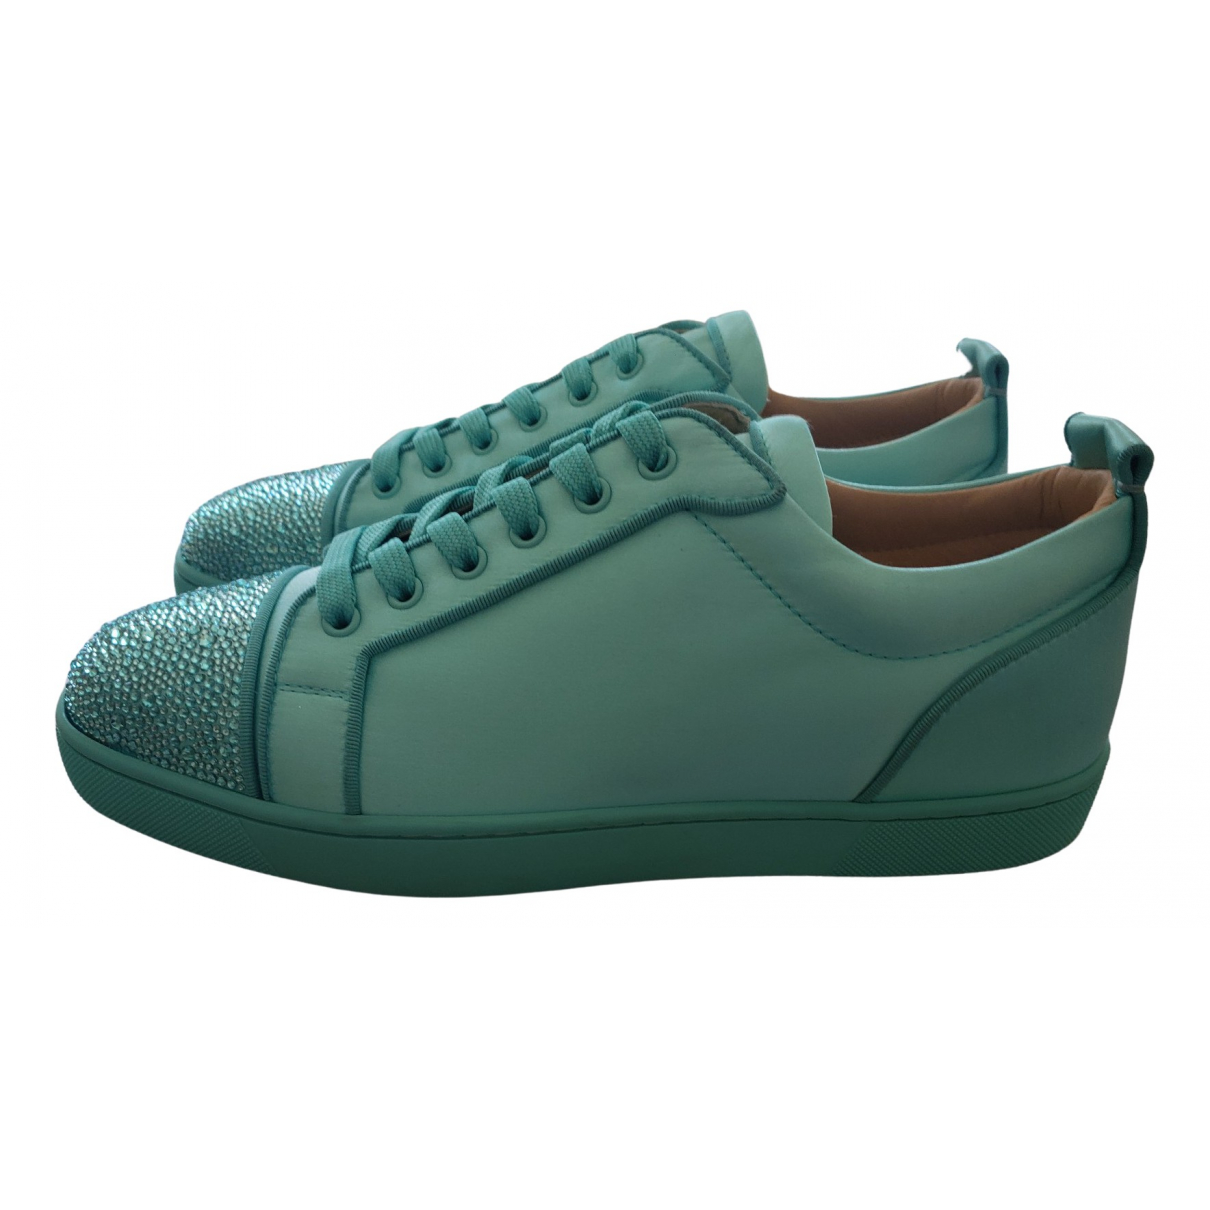 Christian Louboutin Louis Sneakers in  Gruen Leder